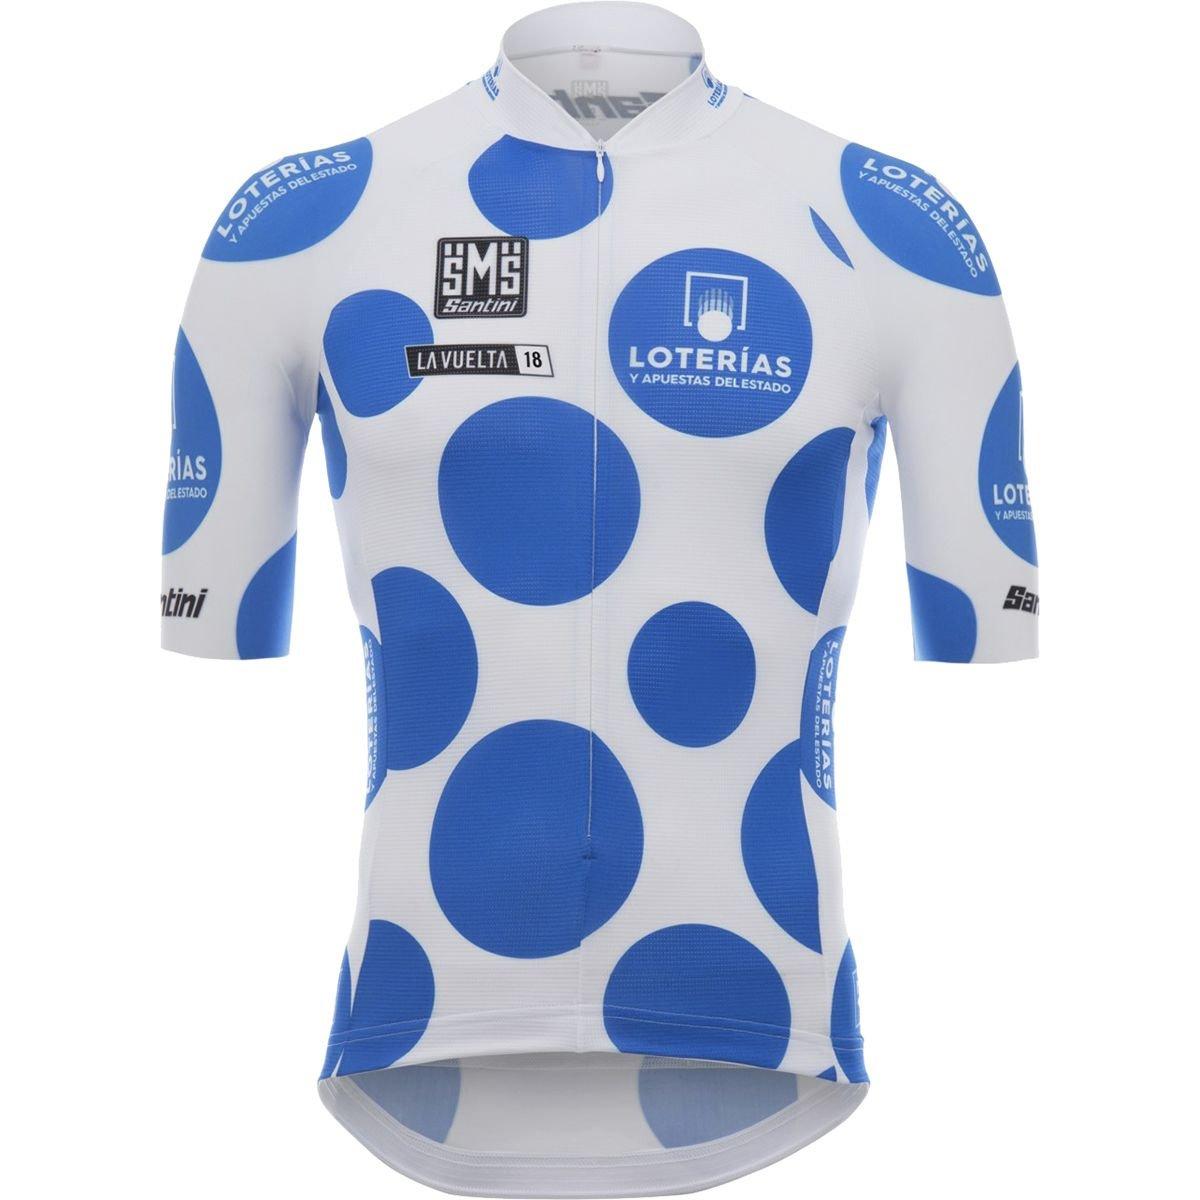 【人気商品!】 Santini La Vuelta King of the La Mountain Jersey Vuelta – B07FDVYB58 Men 's Large 水玉 B07FDVYB58, 相生市:84ad230d --- martinemoeykens-com.access.secure-ssl-servers.info